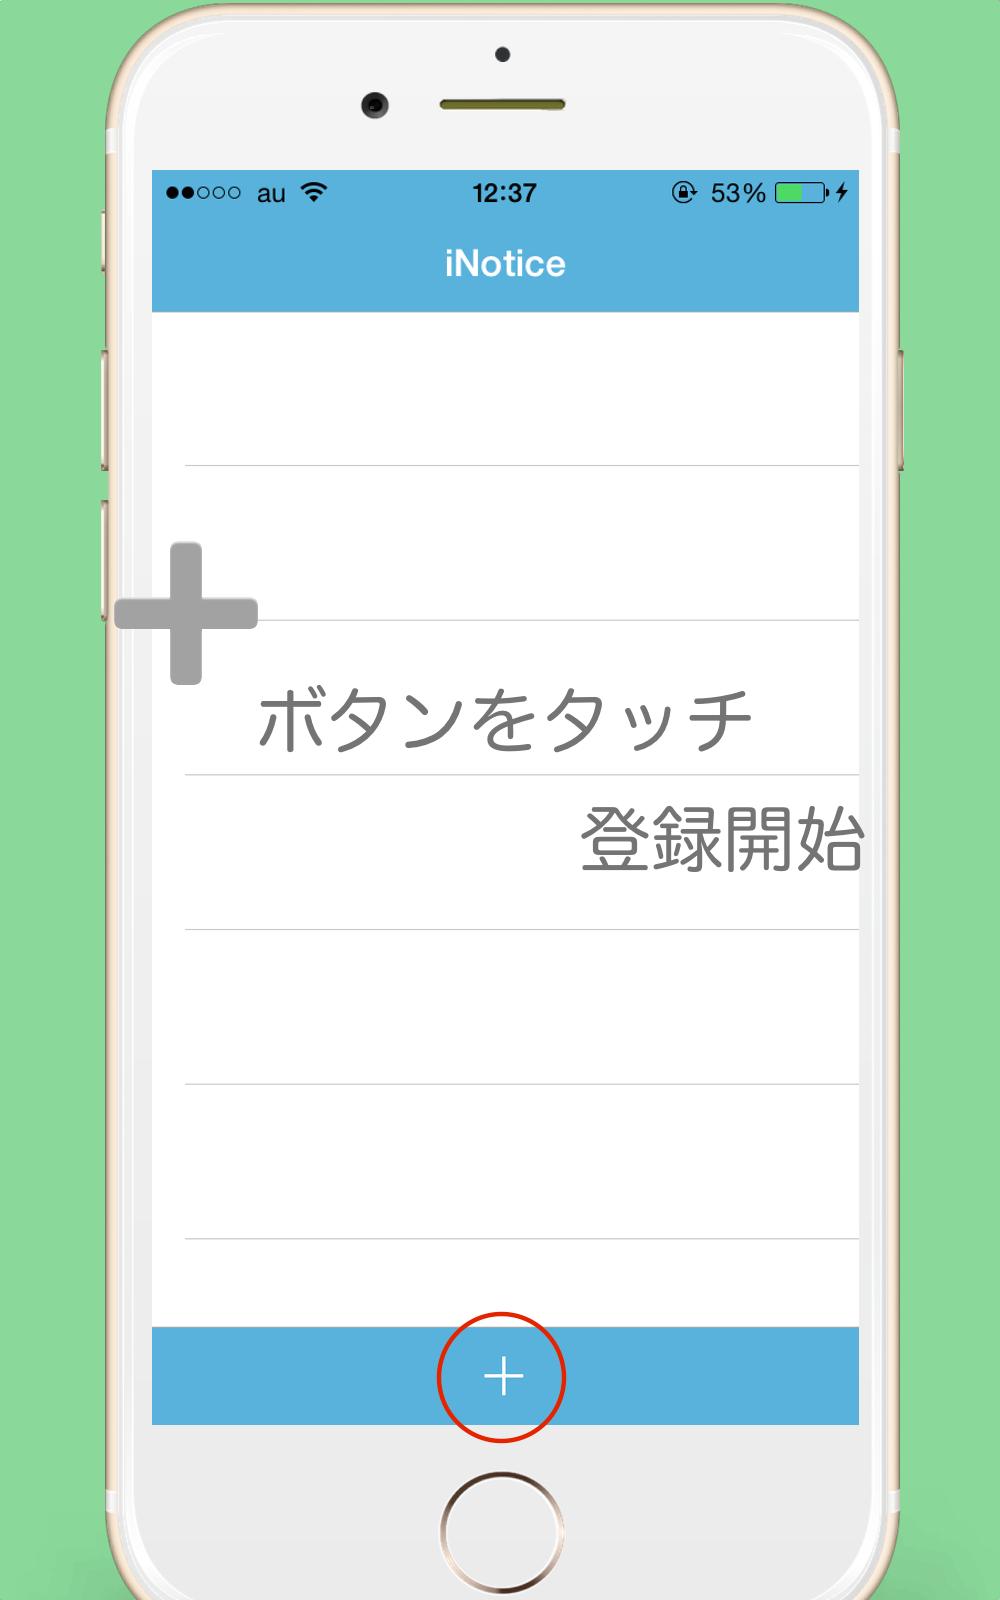 Newアプリ!iNotice間も無くリリース!